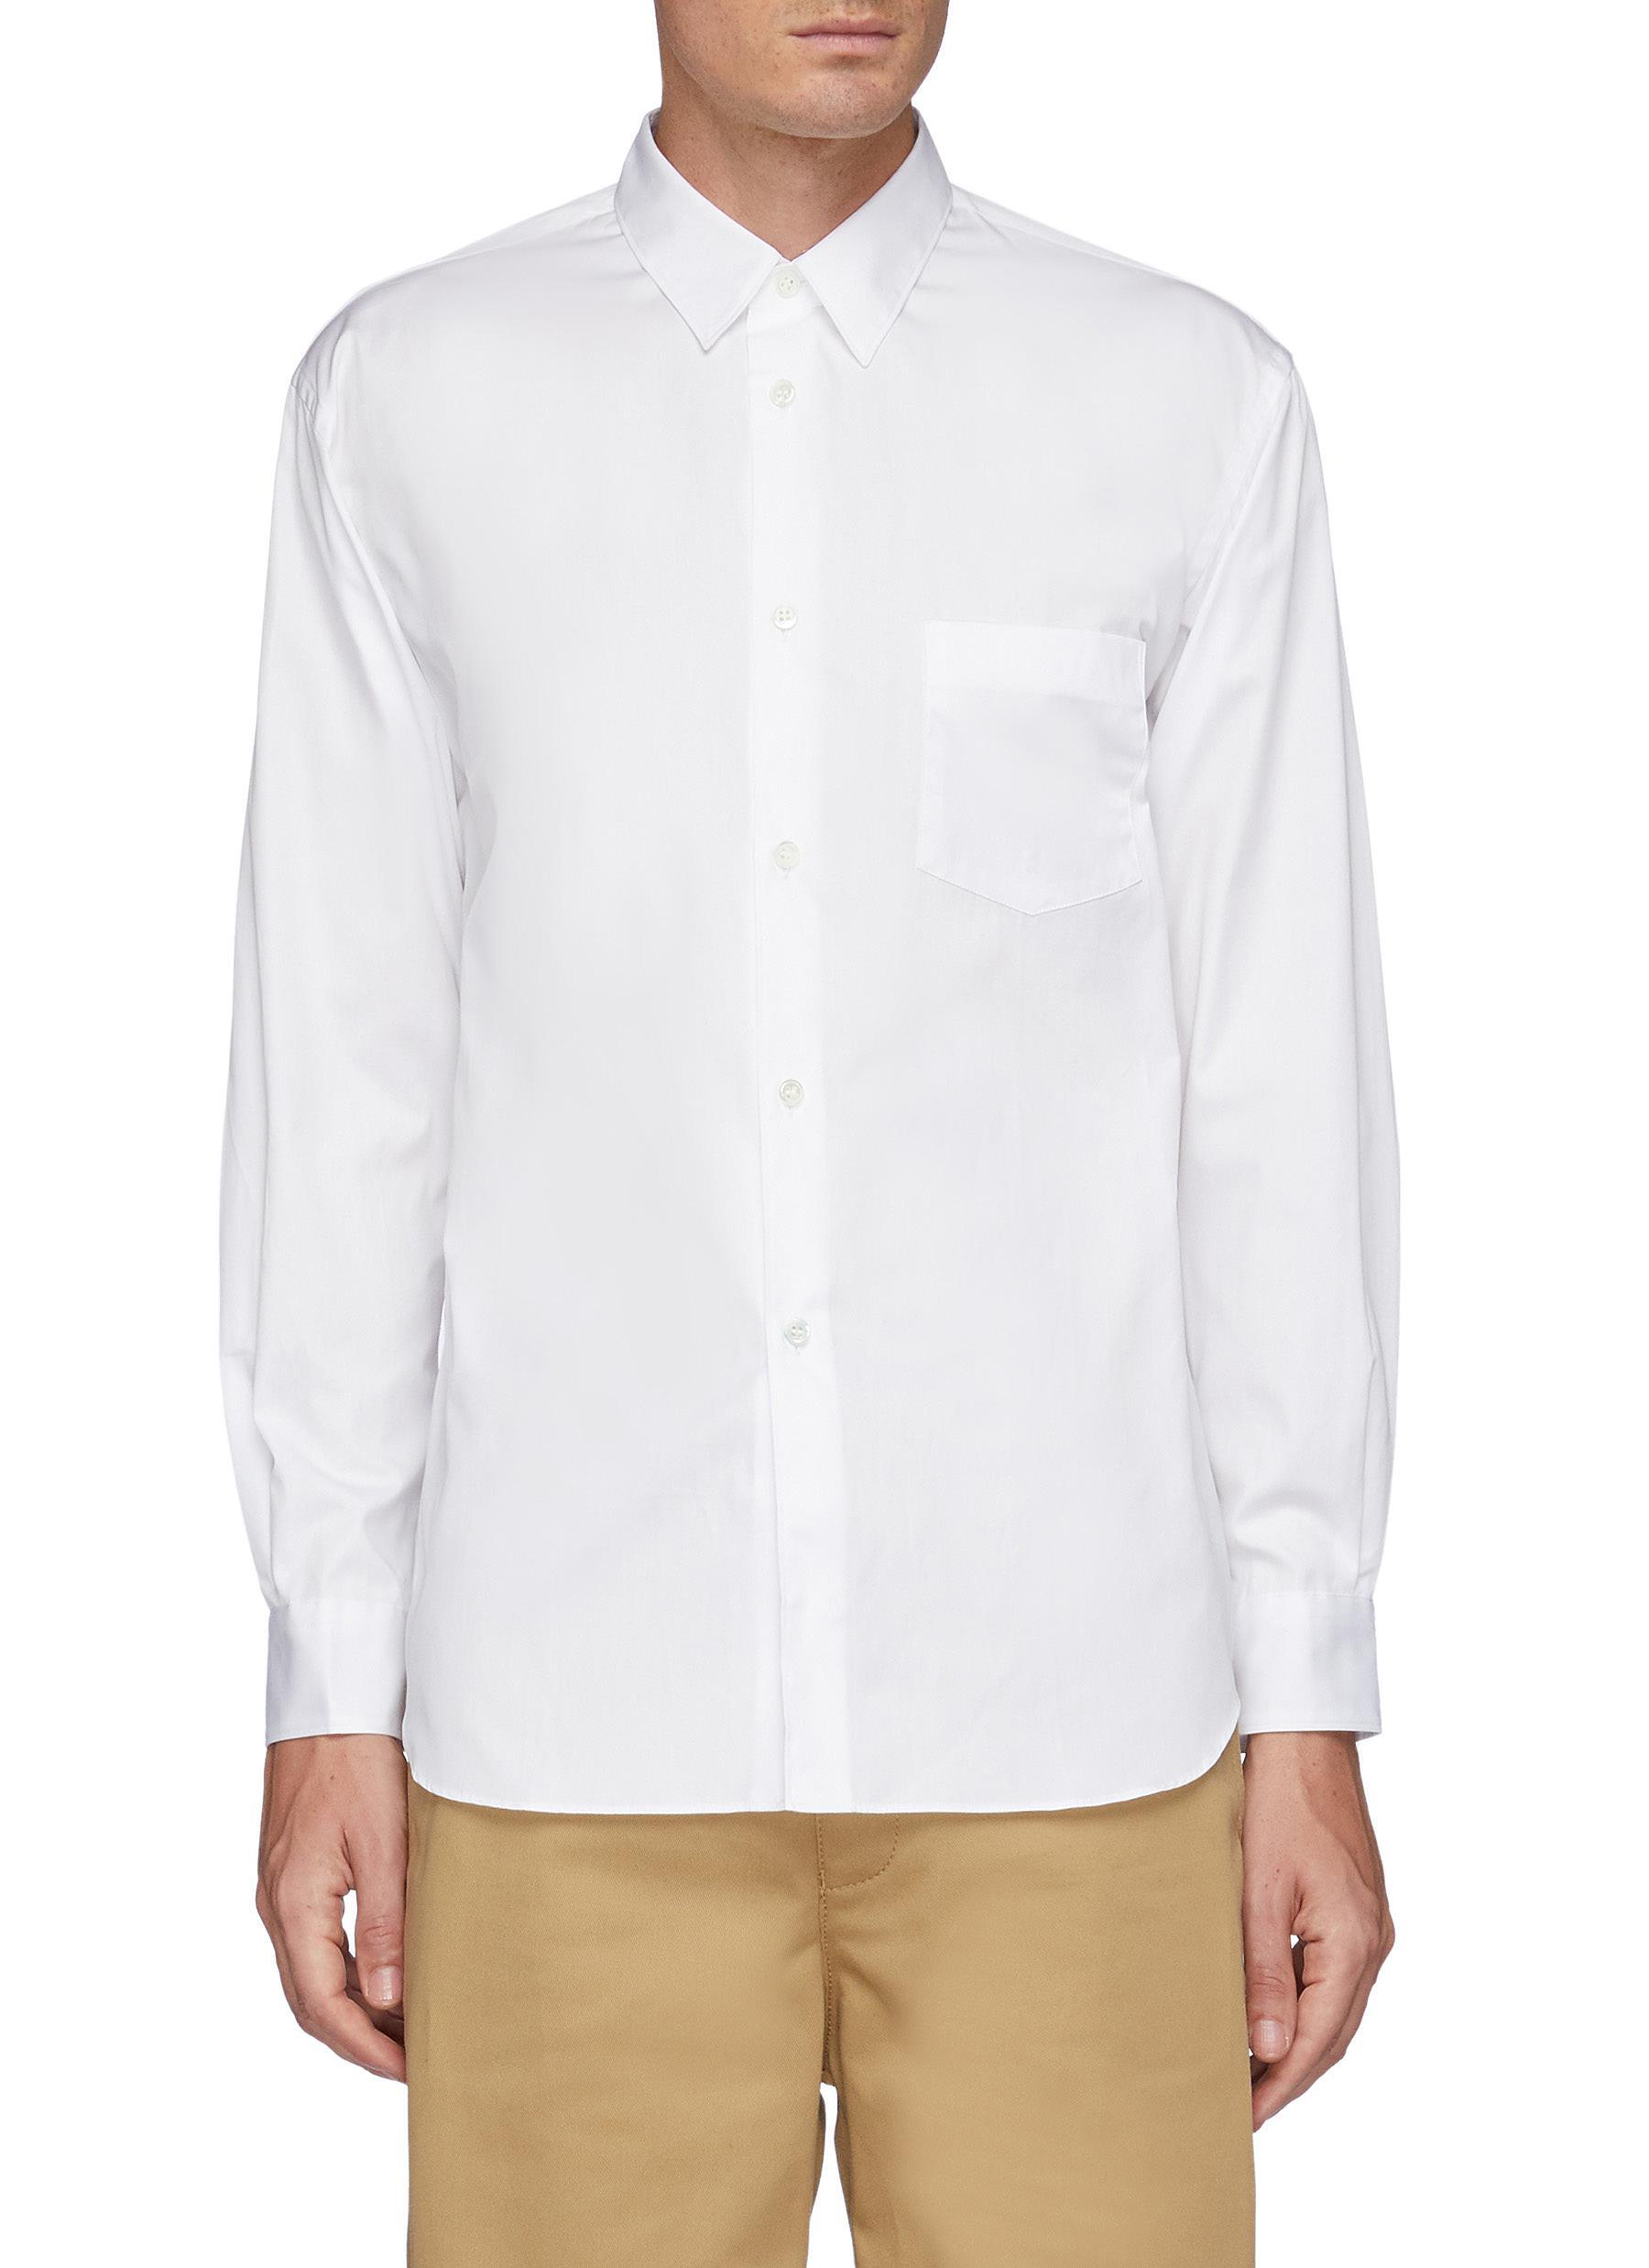 Forever' Narrow Classic Plain Shirt